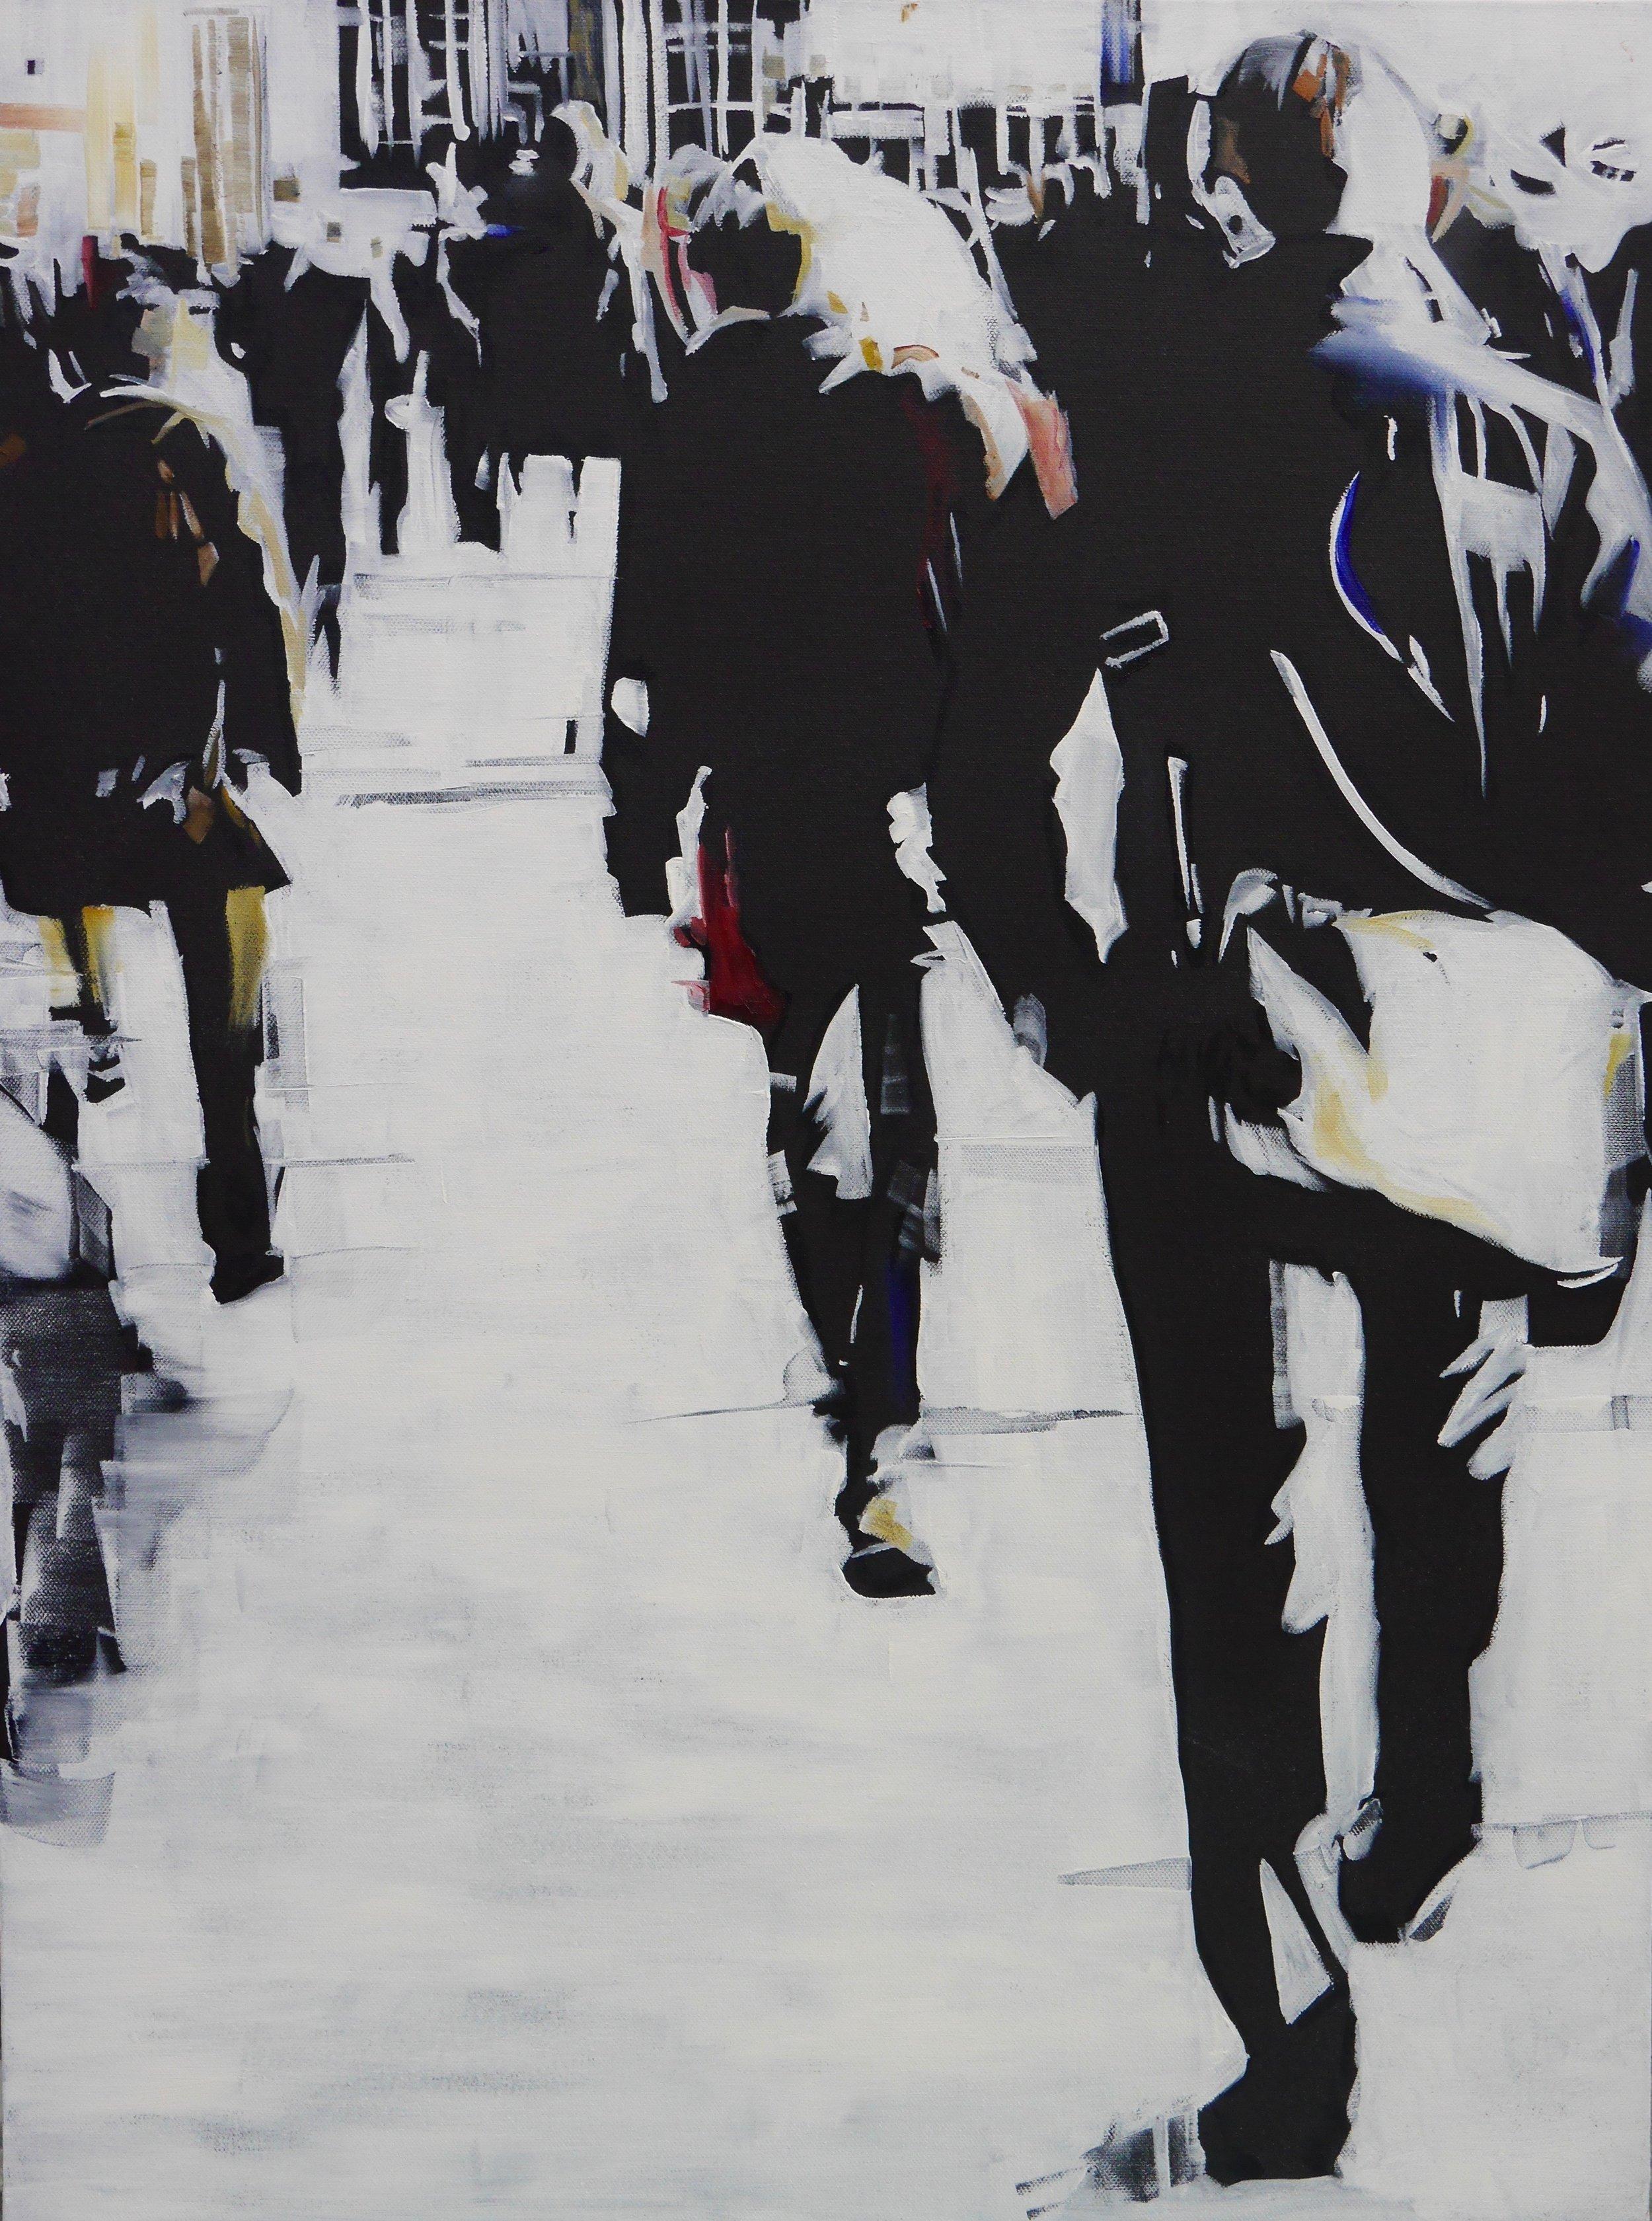 Angela Edwards- Monday Morning - - 60x80.jpg